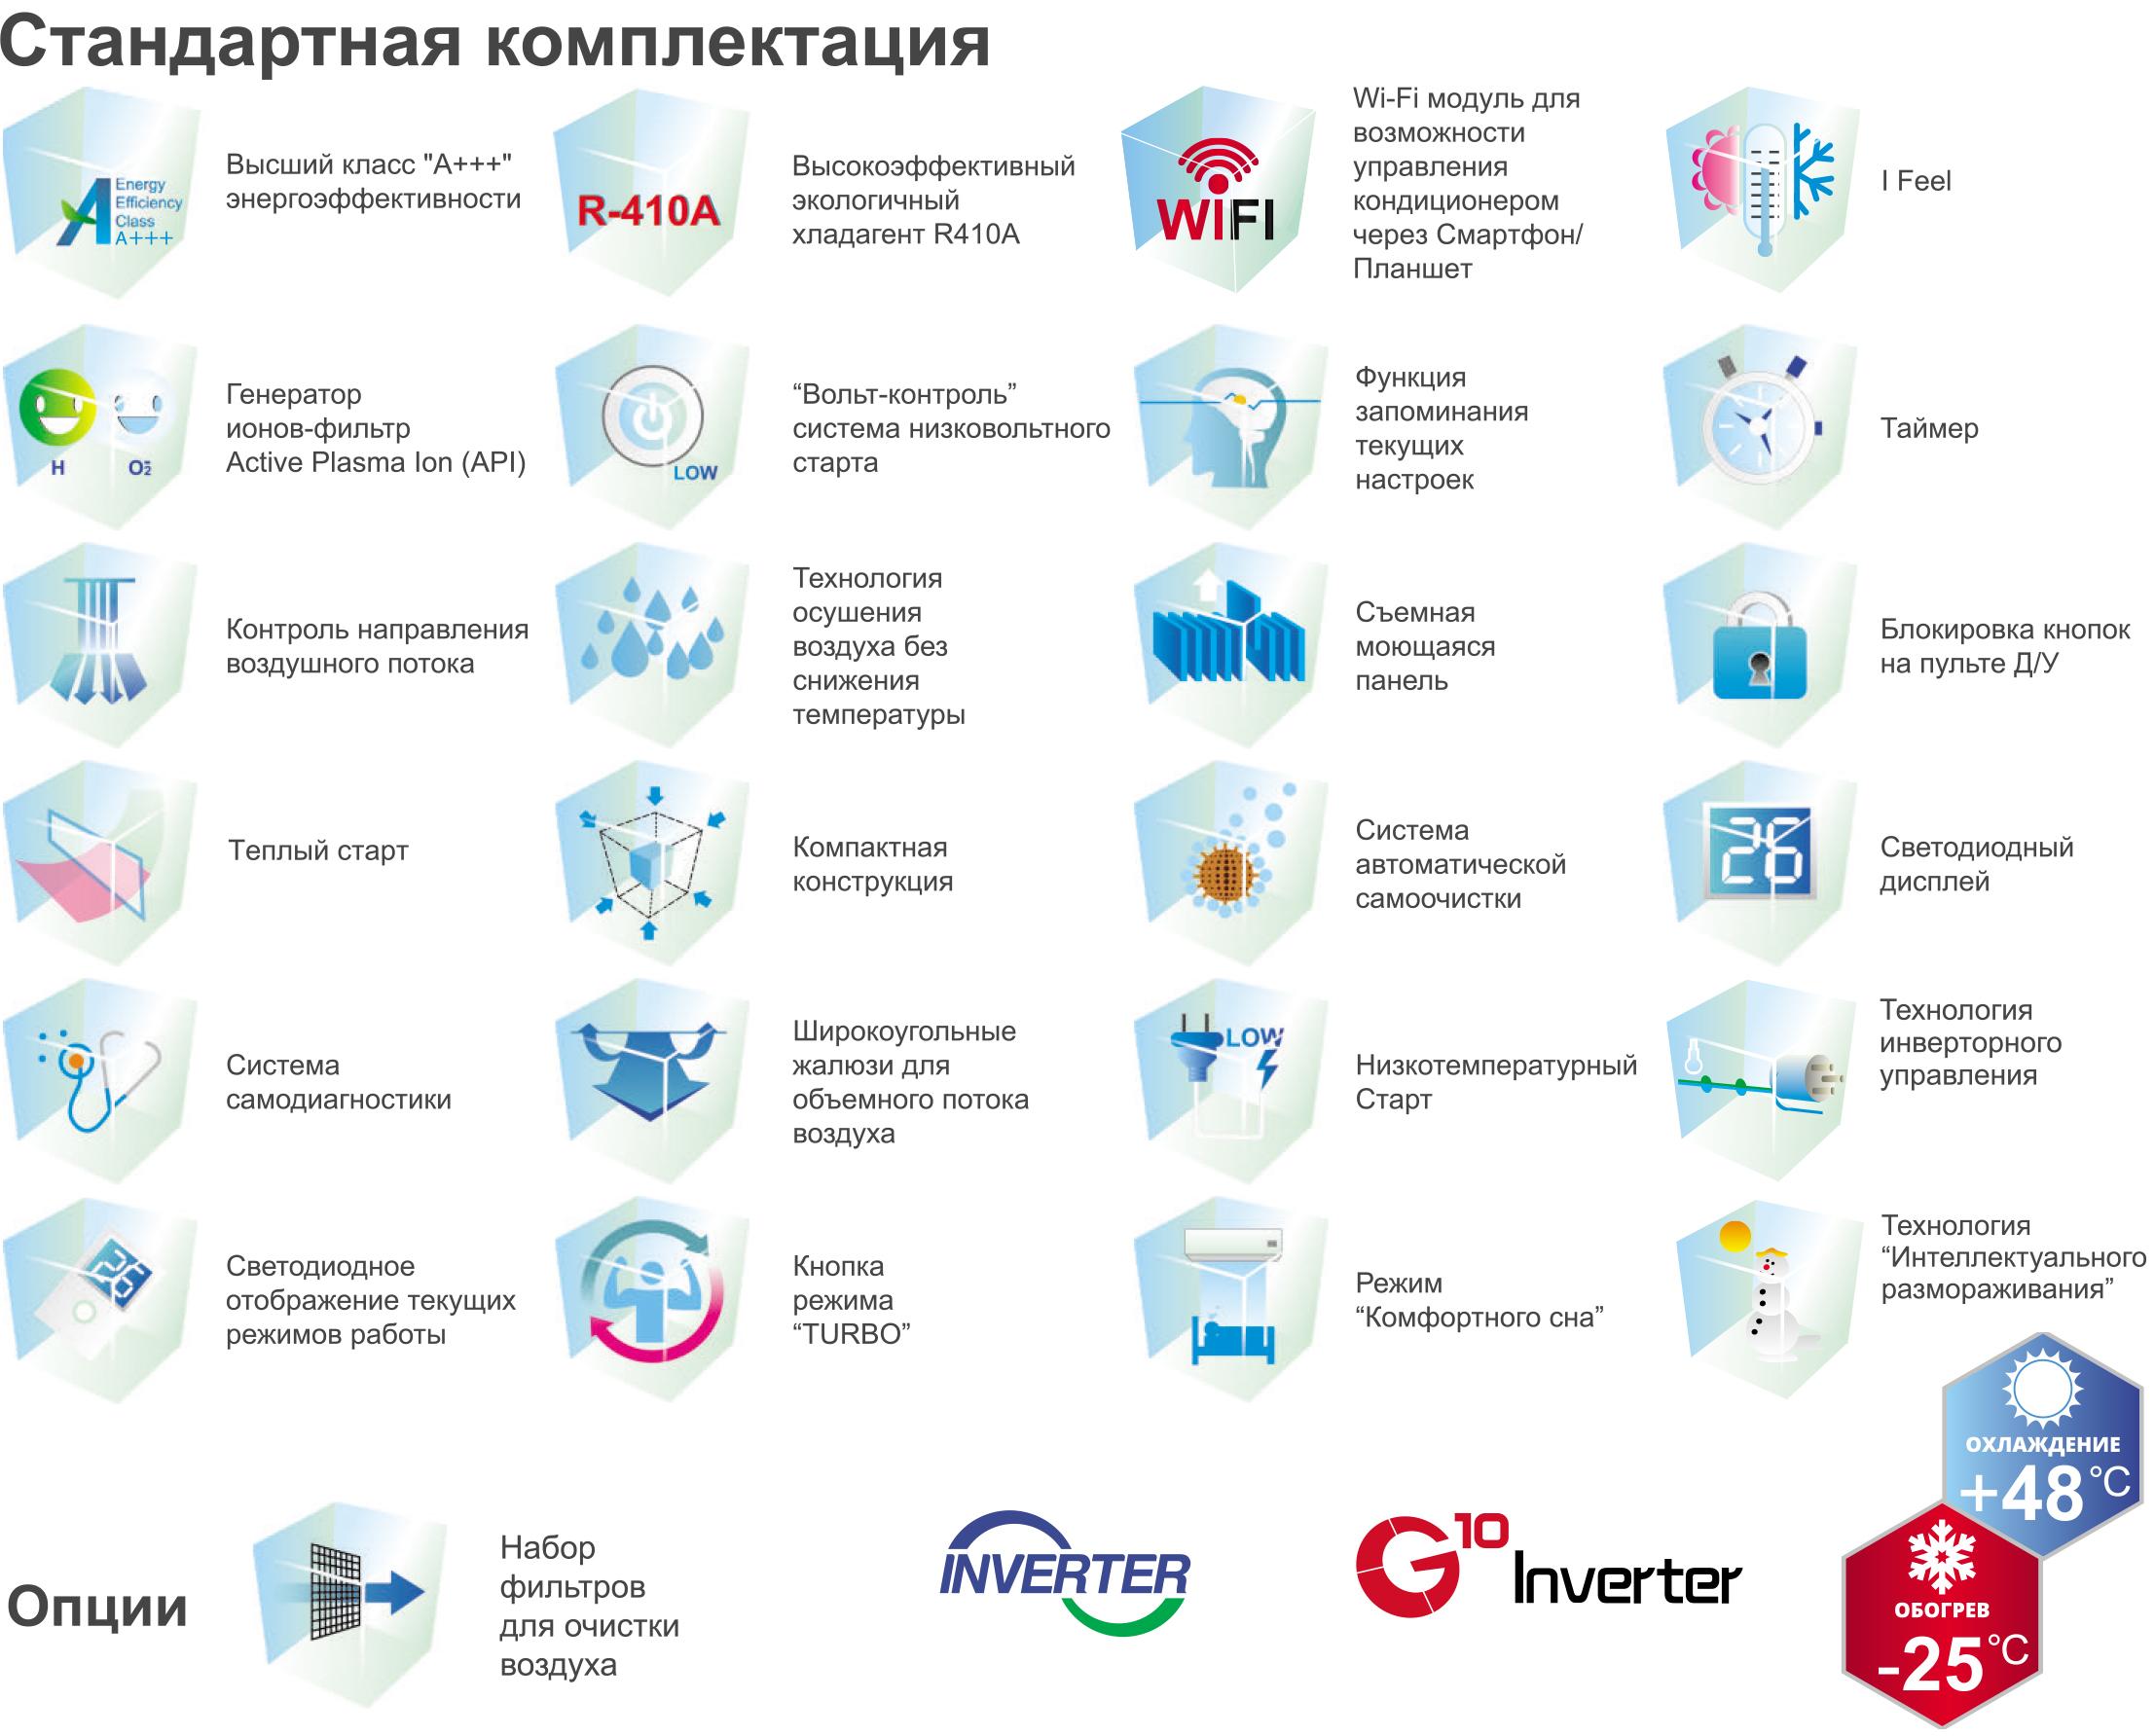 Функции и основные особенности кондиционера Tosot GL-24WF серии HANSOL Winter Inverter